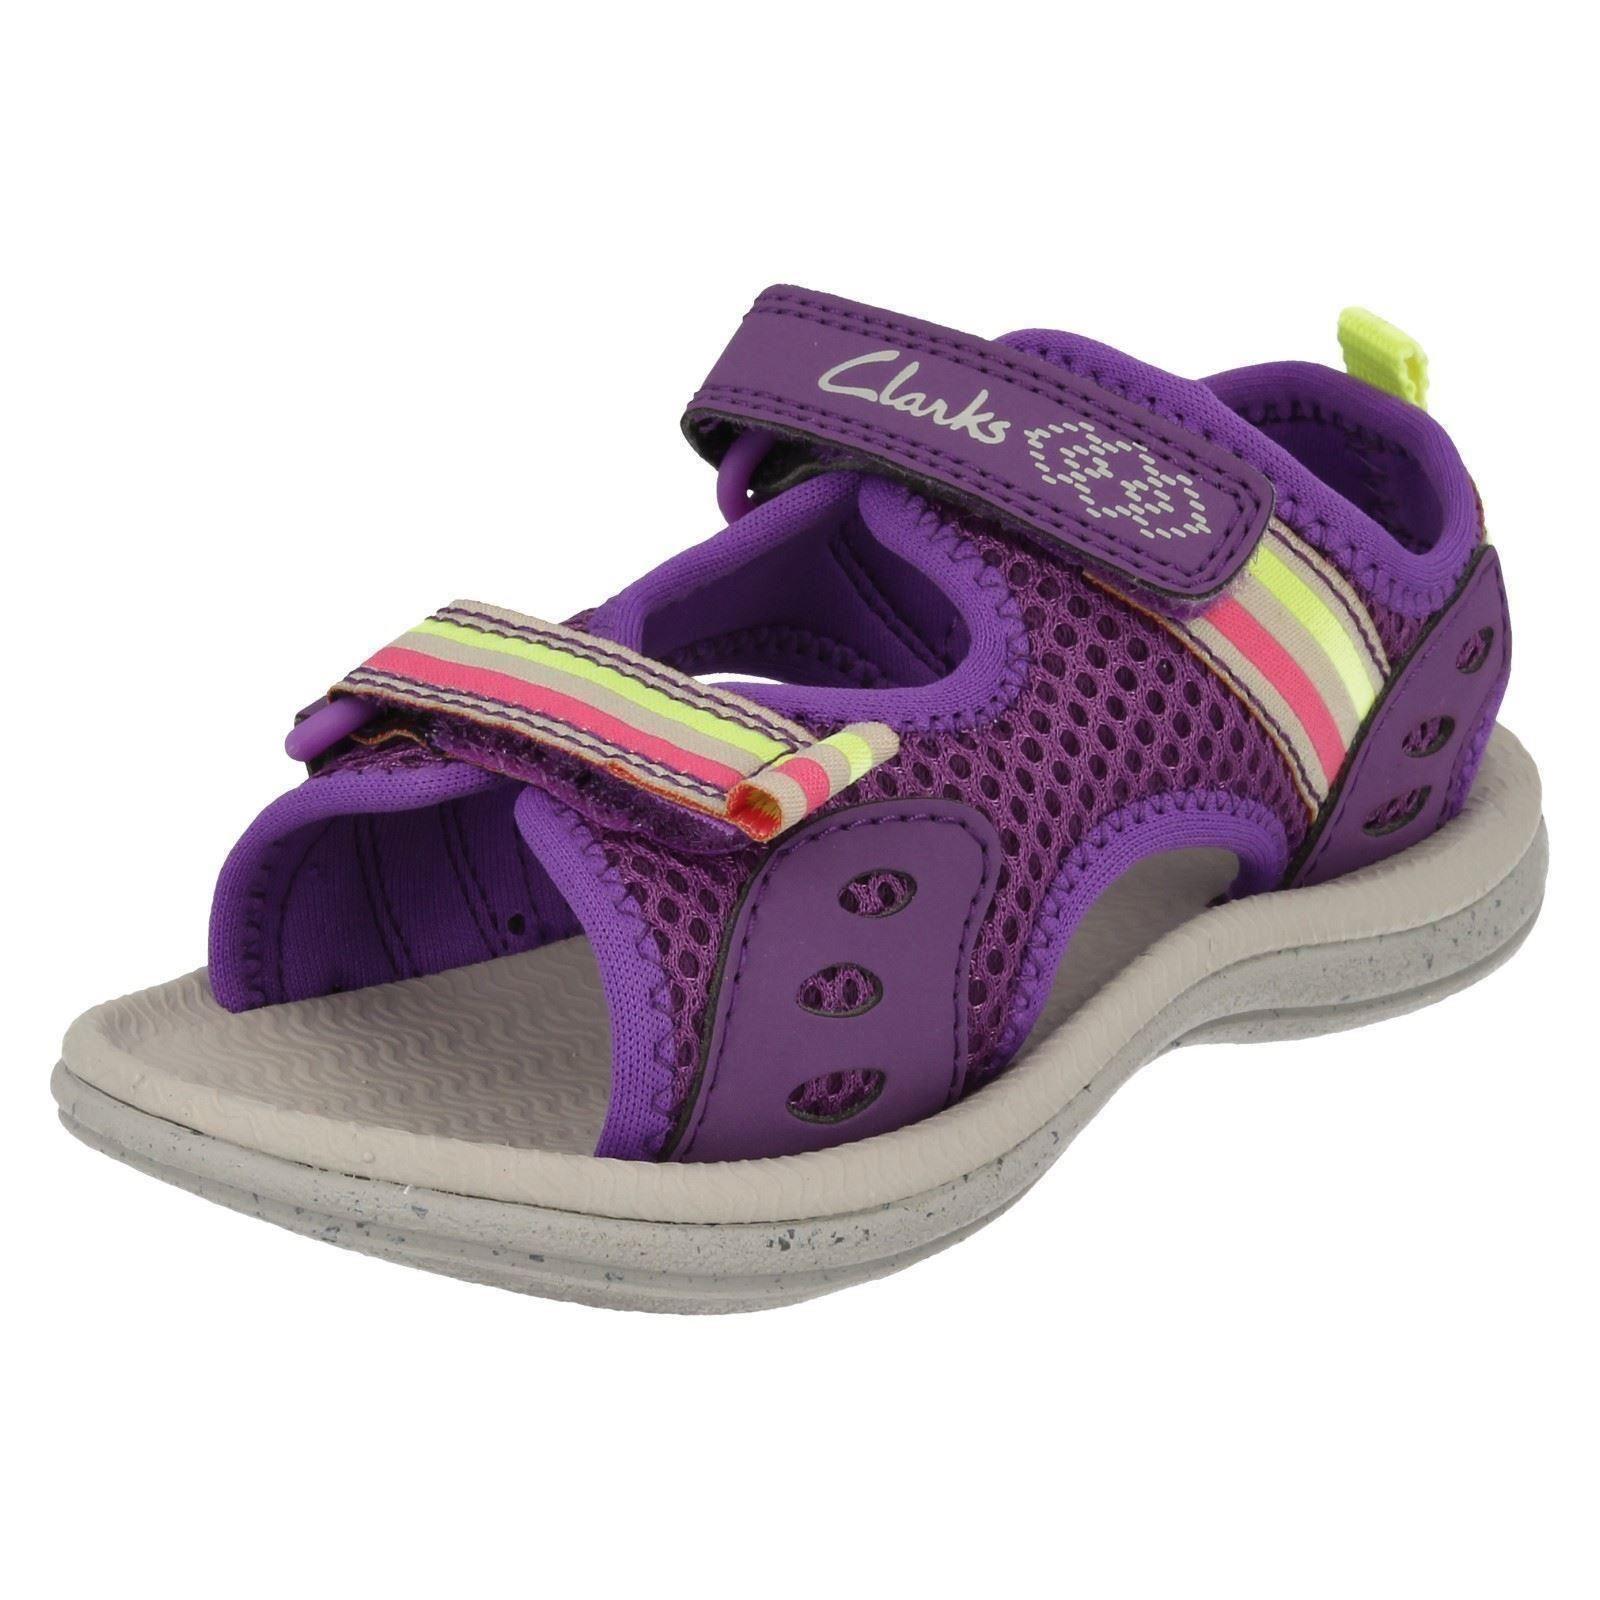 Girls Clarks Sandals /'Star Games/'